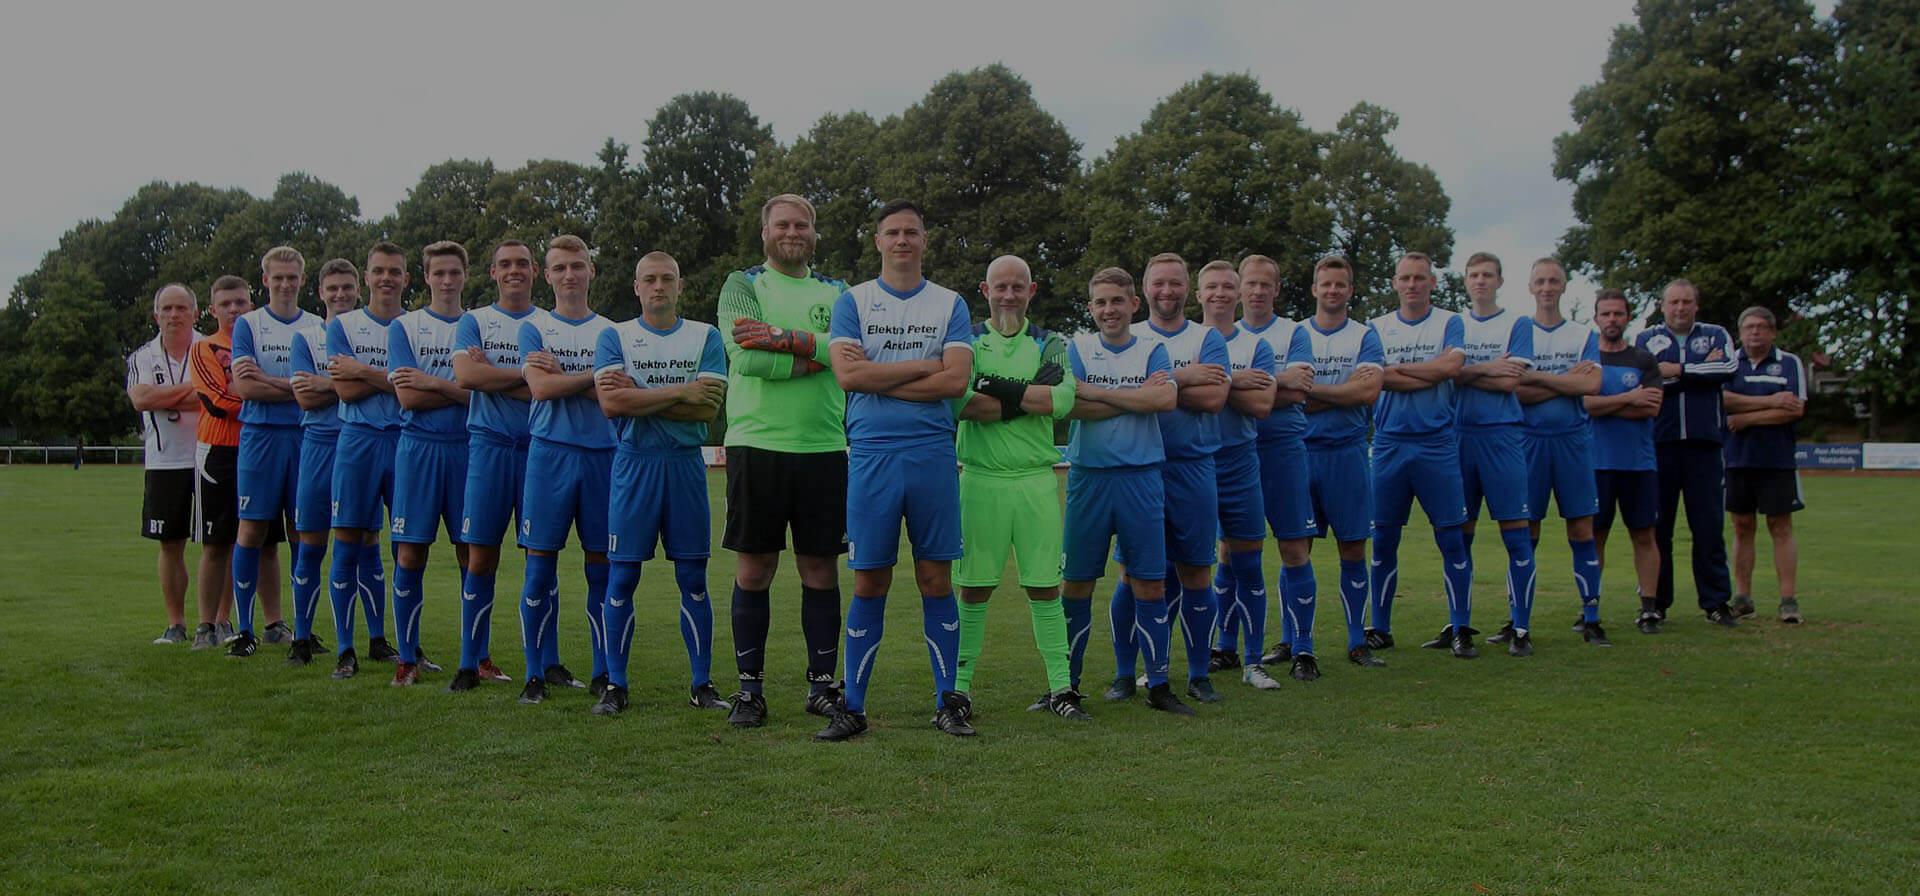 Landesliga-Kicker nehmen am 41. Strasburger Neujahrsturnier teil